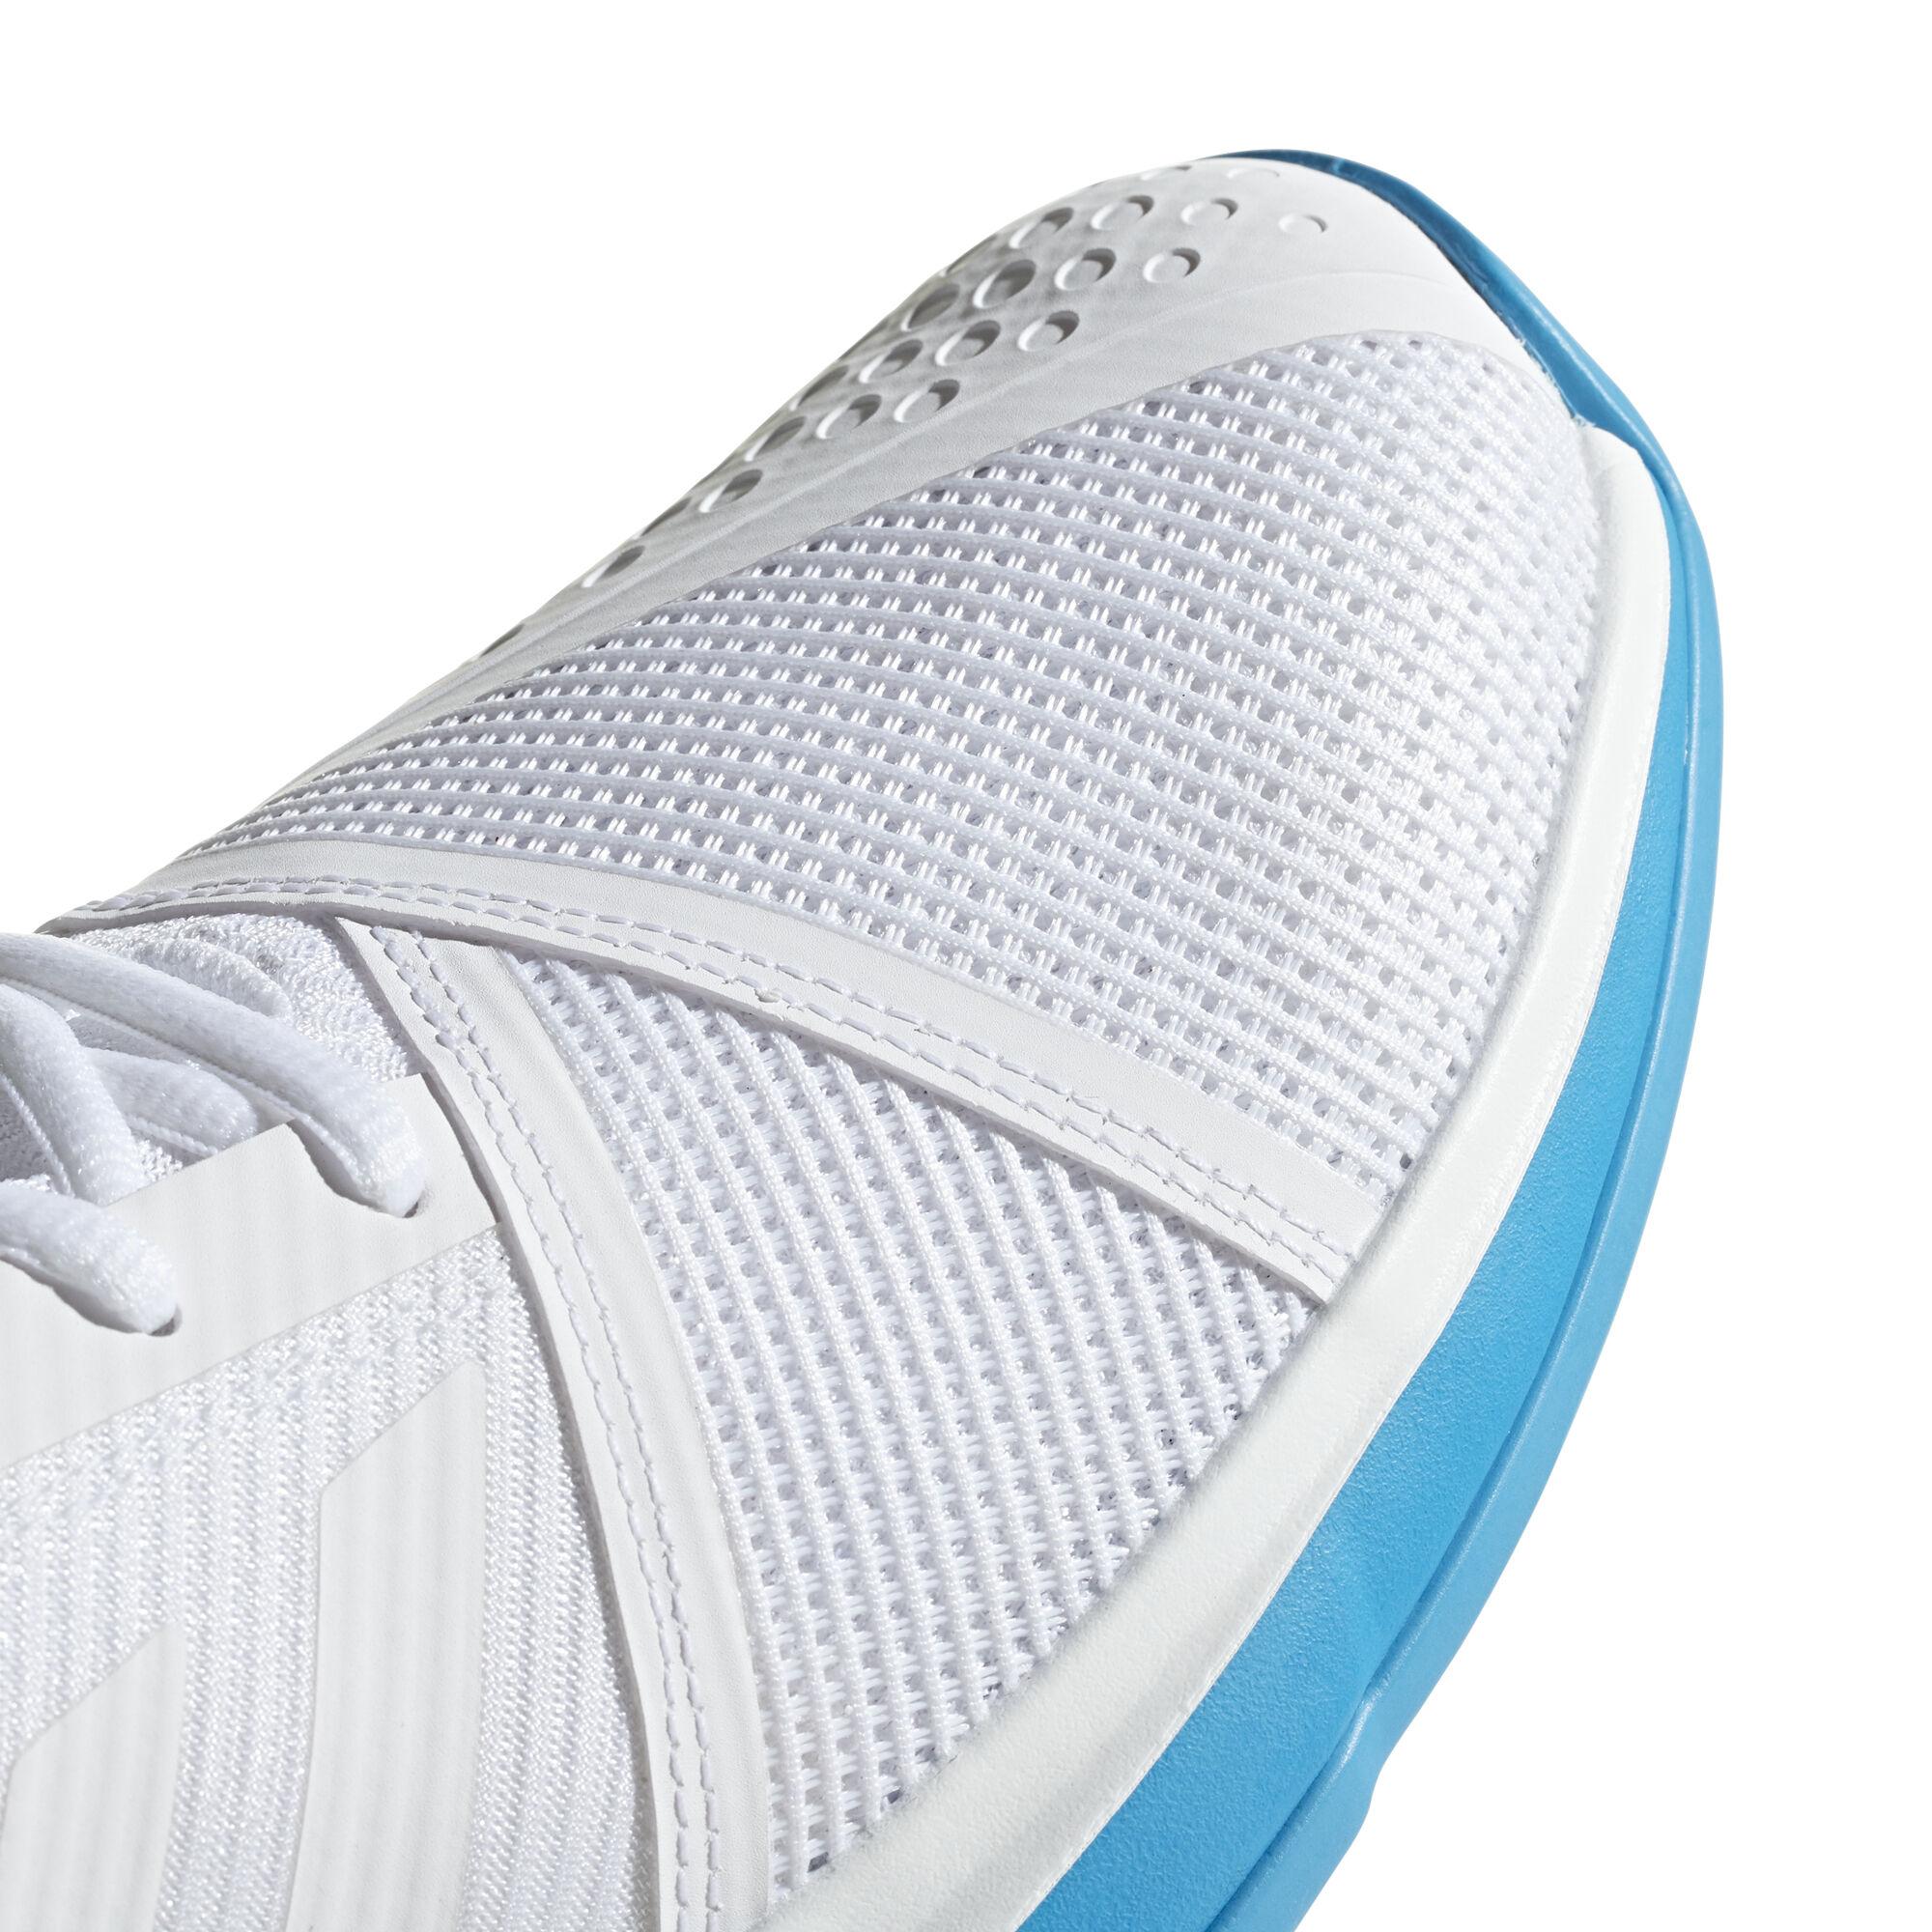 Adidas Herren Jam WeißBlau Court Bounce Allcourtschuh 8n0vwmON